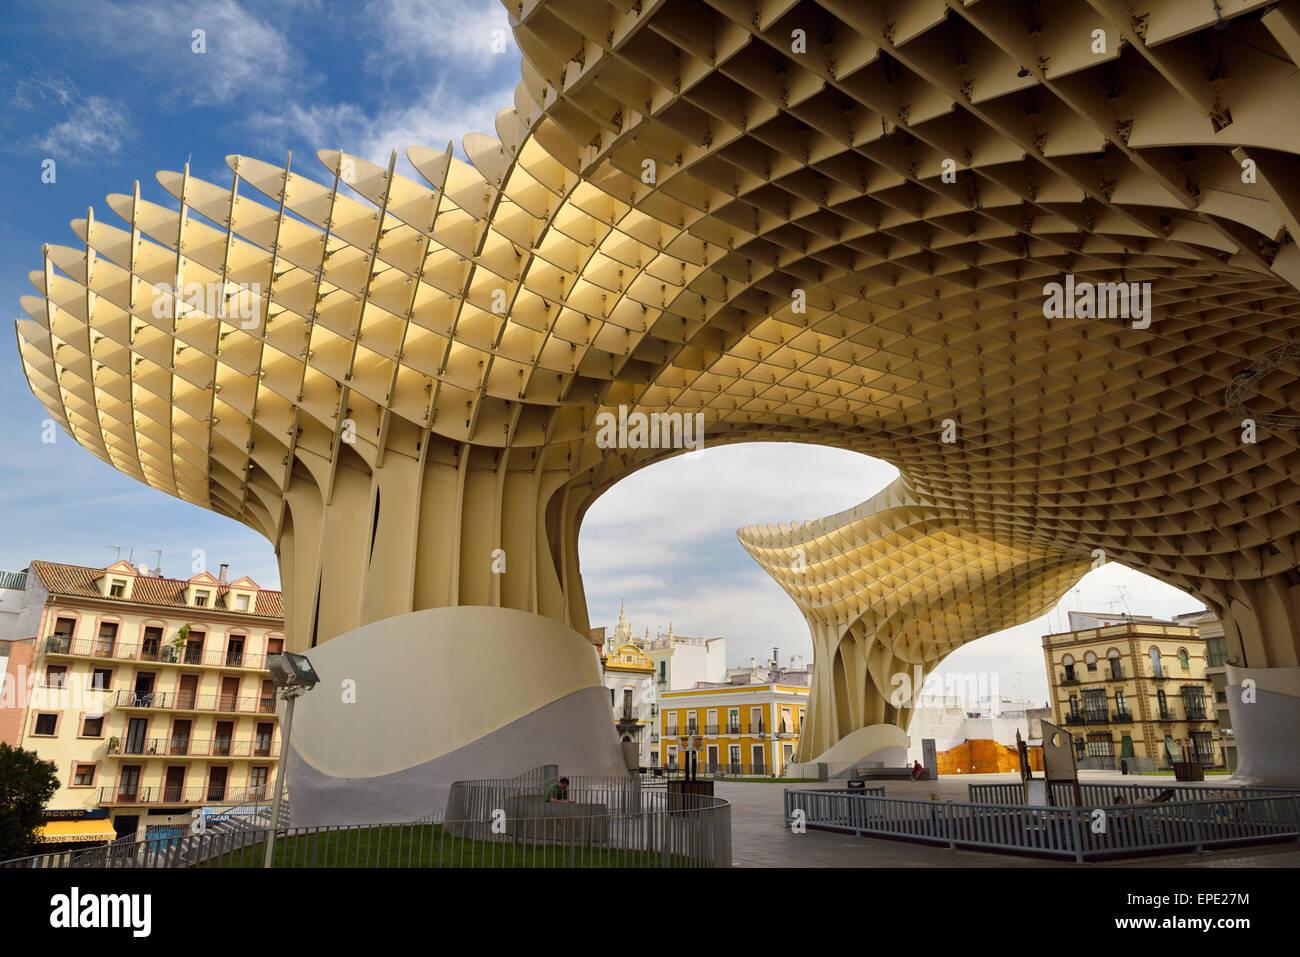 La arquitectura moderna de dosel de setas de metropol parasol en la plaza de la encarnación sevilla españa Imagen De Stock